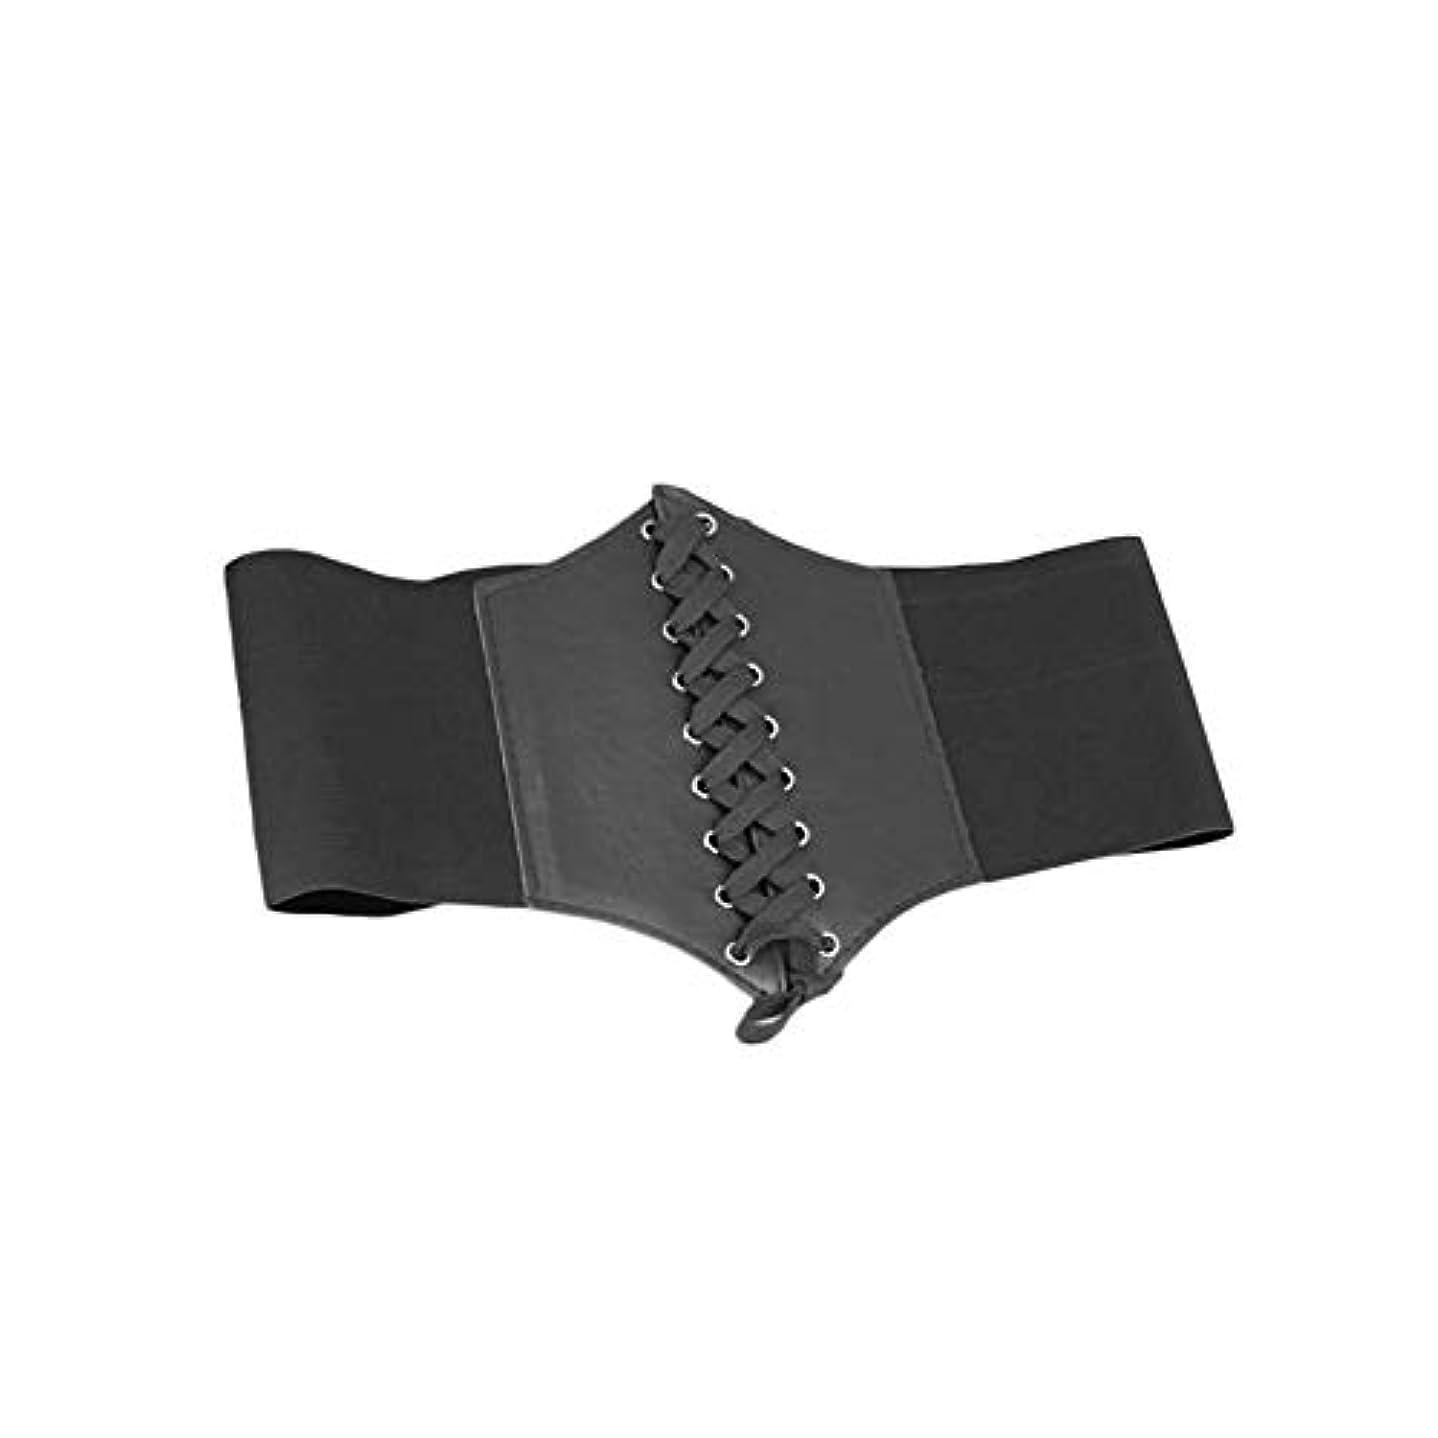 通行人系統的保護する女性ヴィンテージソリッドベルトウエストニッパーレースアップコルセット包帯ハイストレッチ調節可能なネクタイワイドウエストバンド用女性 - 黒